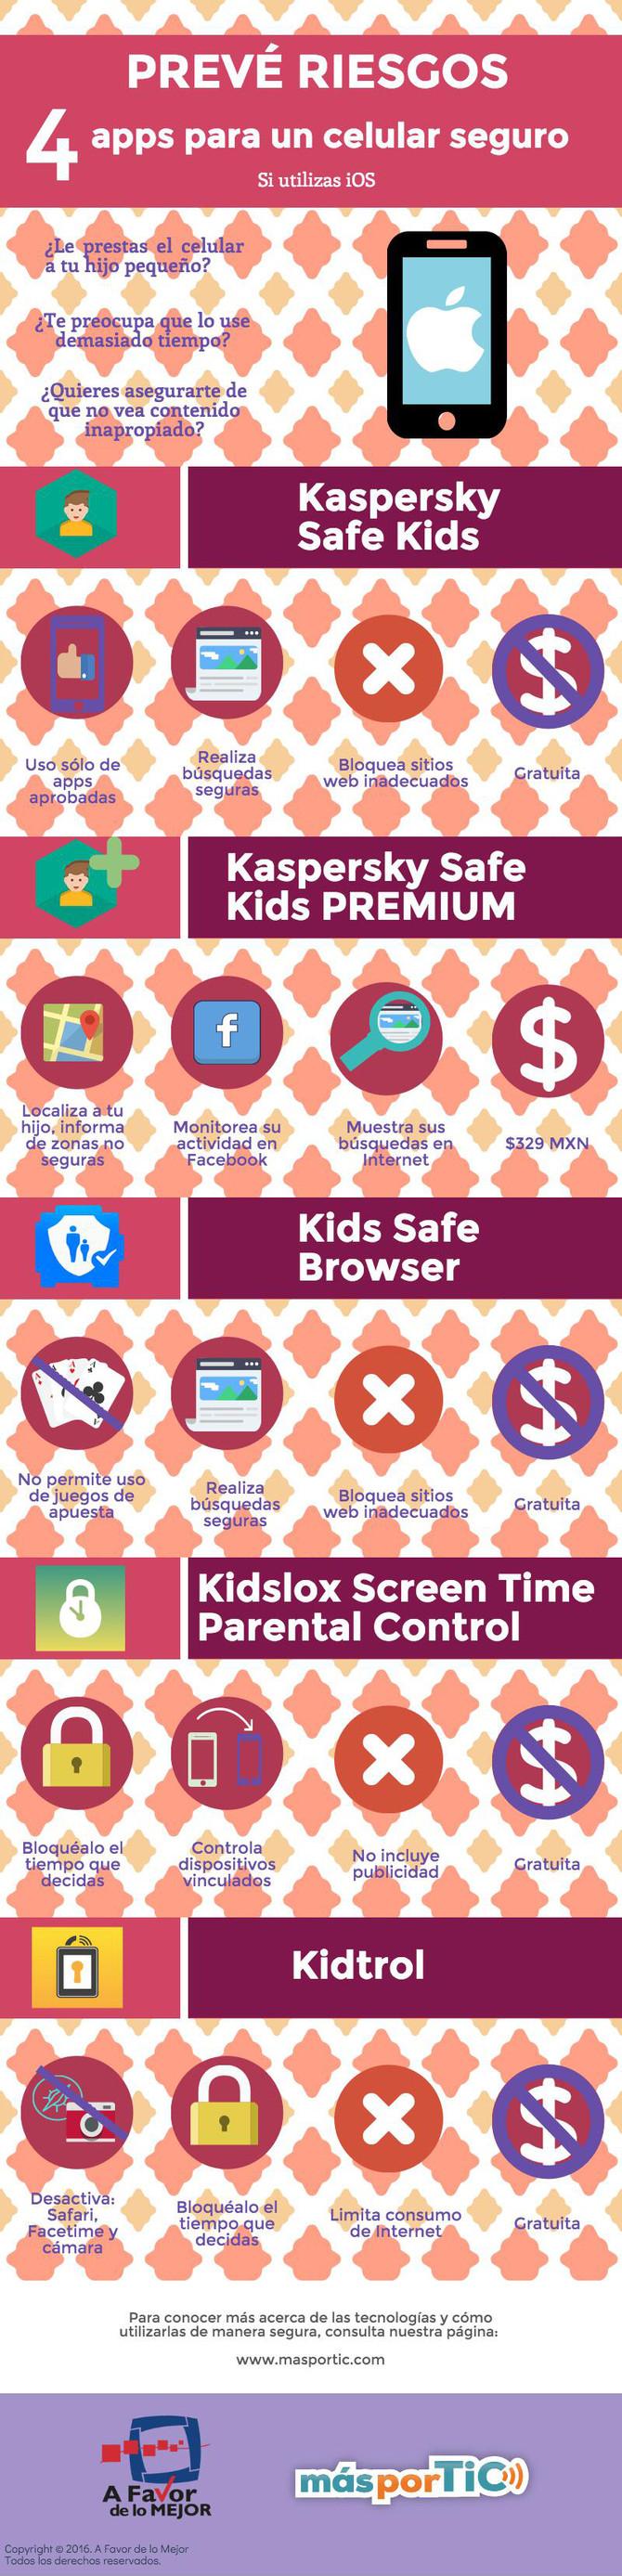 Apps de Control Parental para iOS